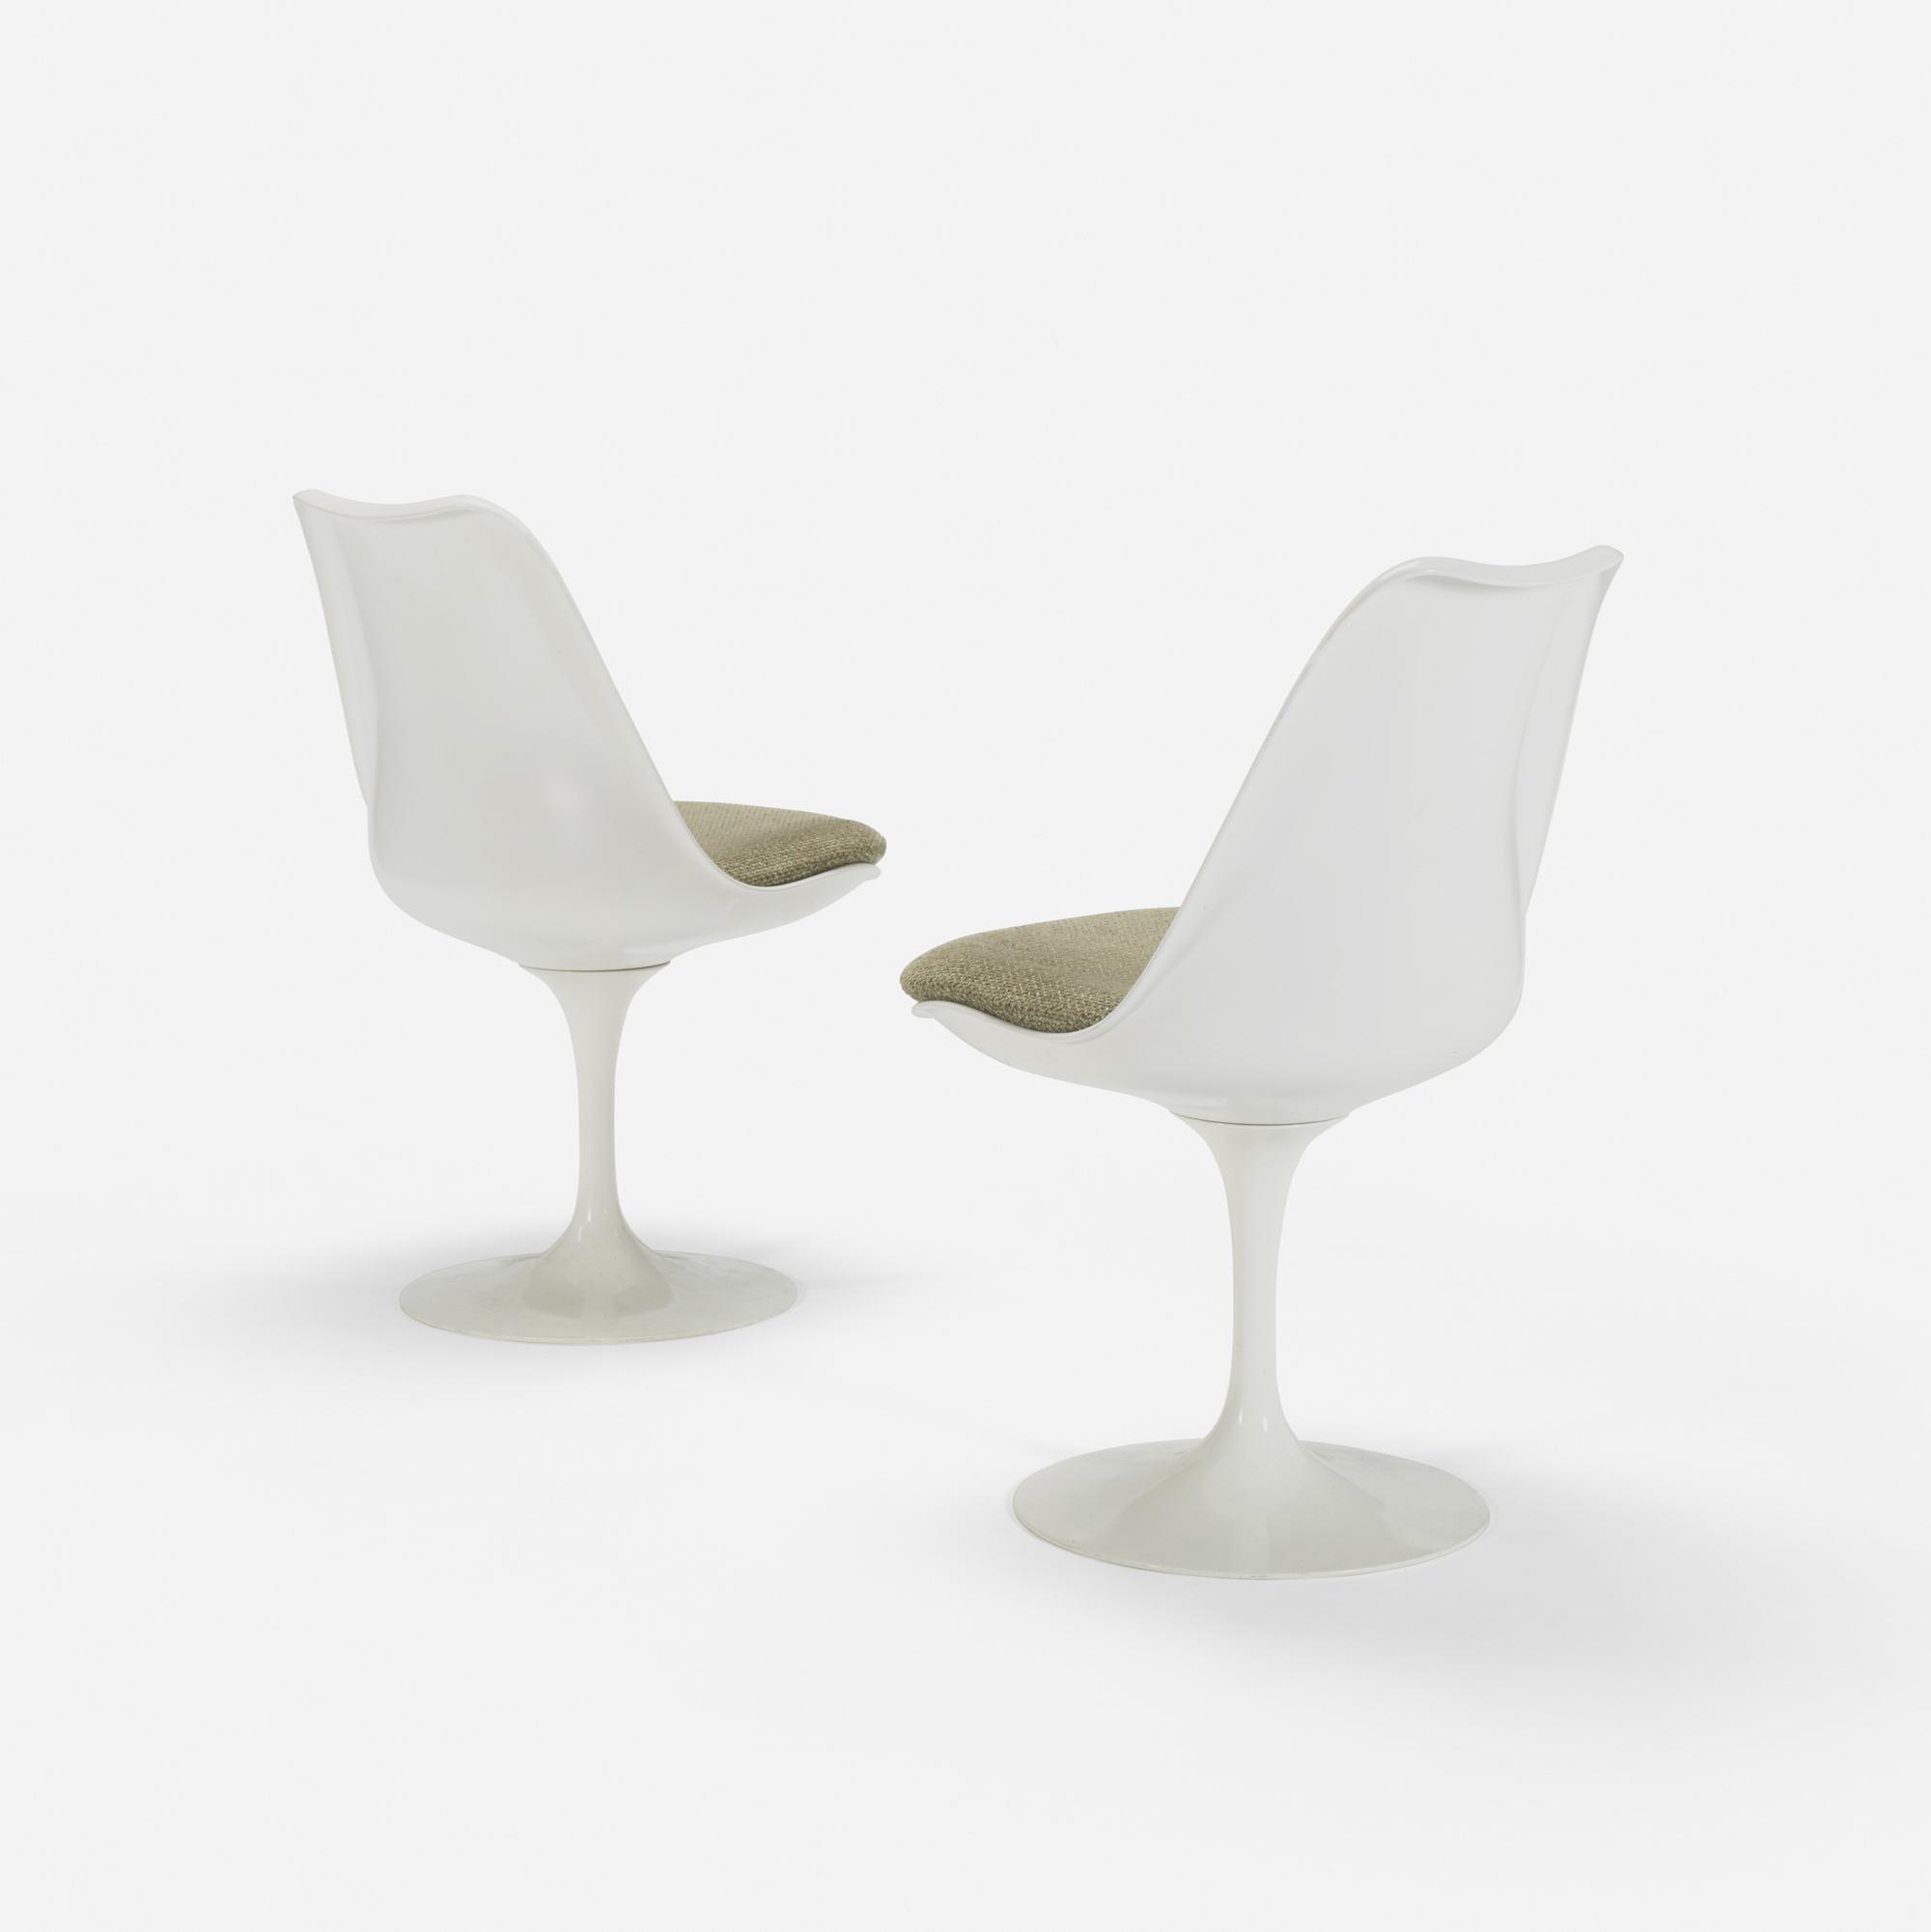 104: Eero Saarinen / Tulip chairs from the Ladies' Lounge, pair (1 of 1)